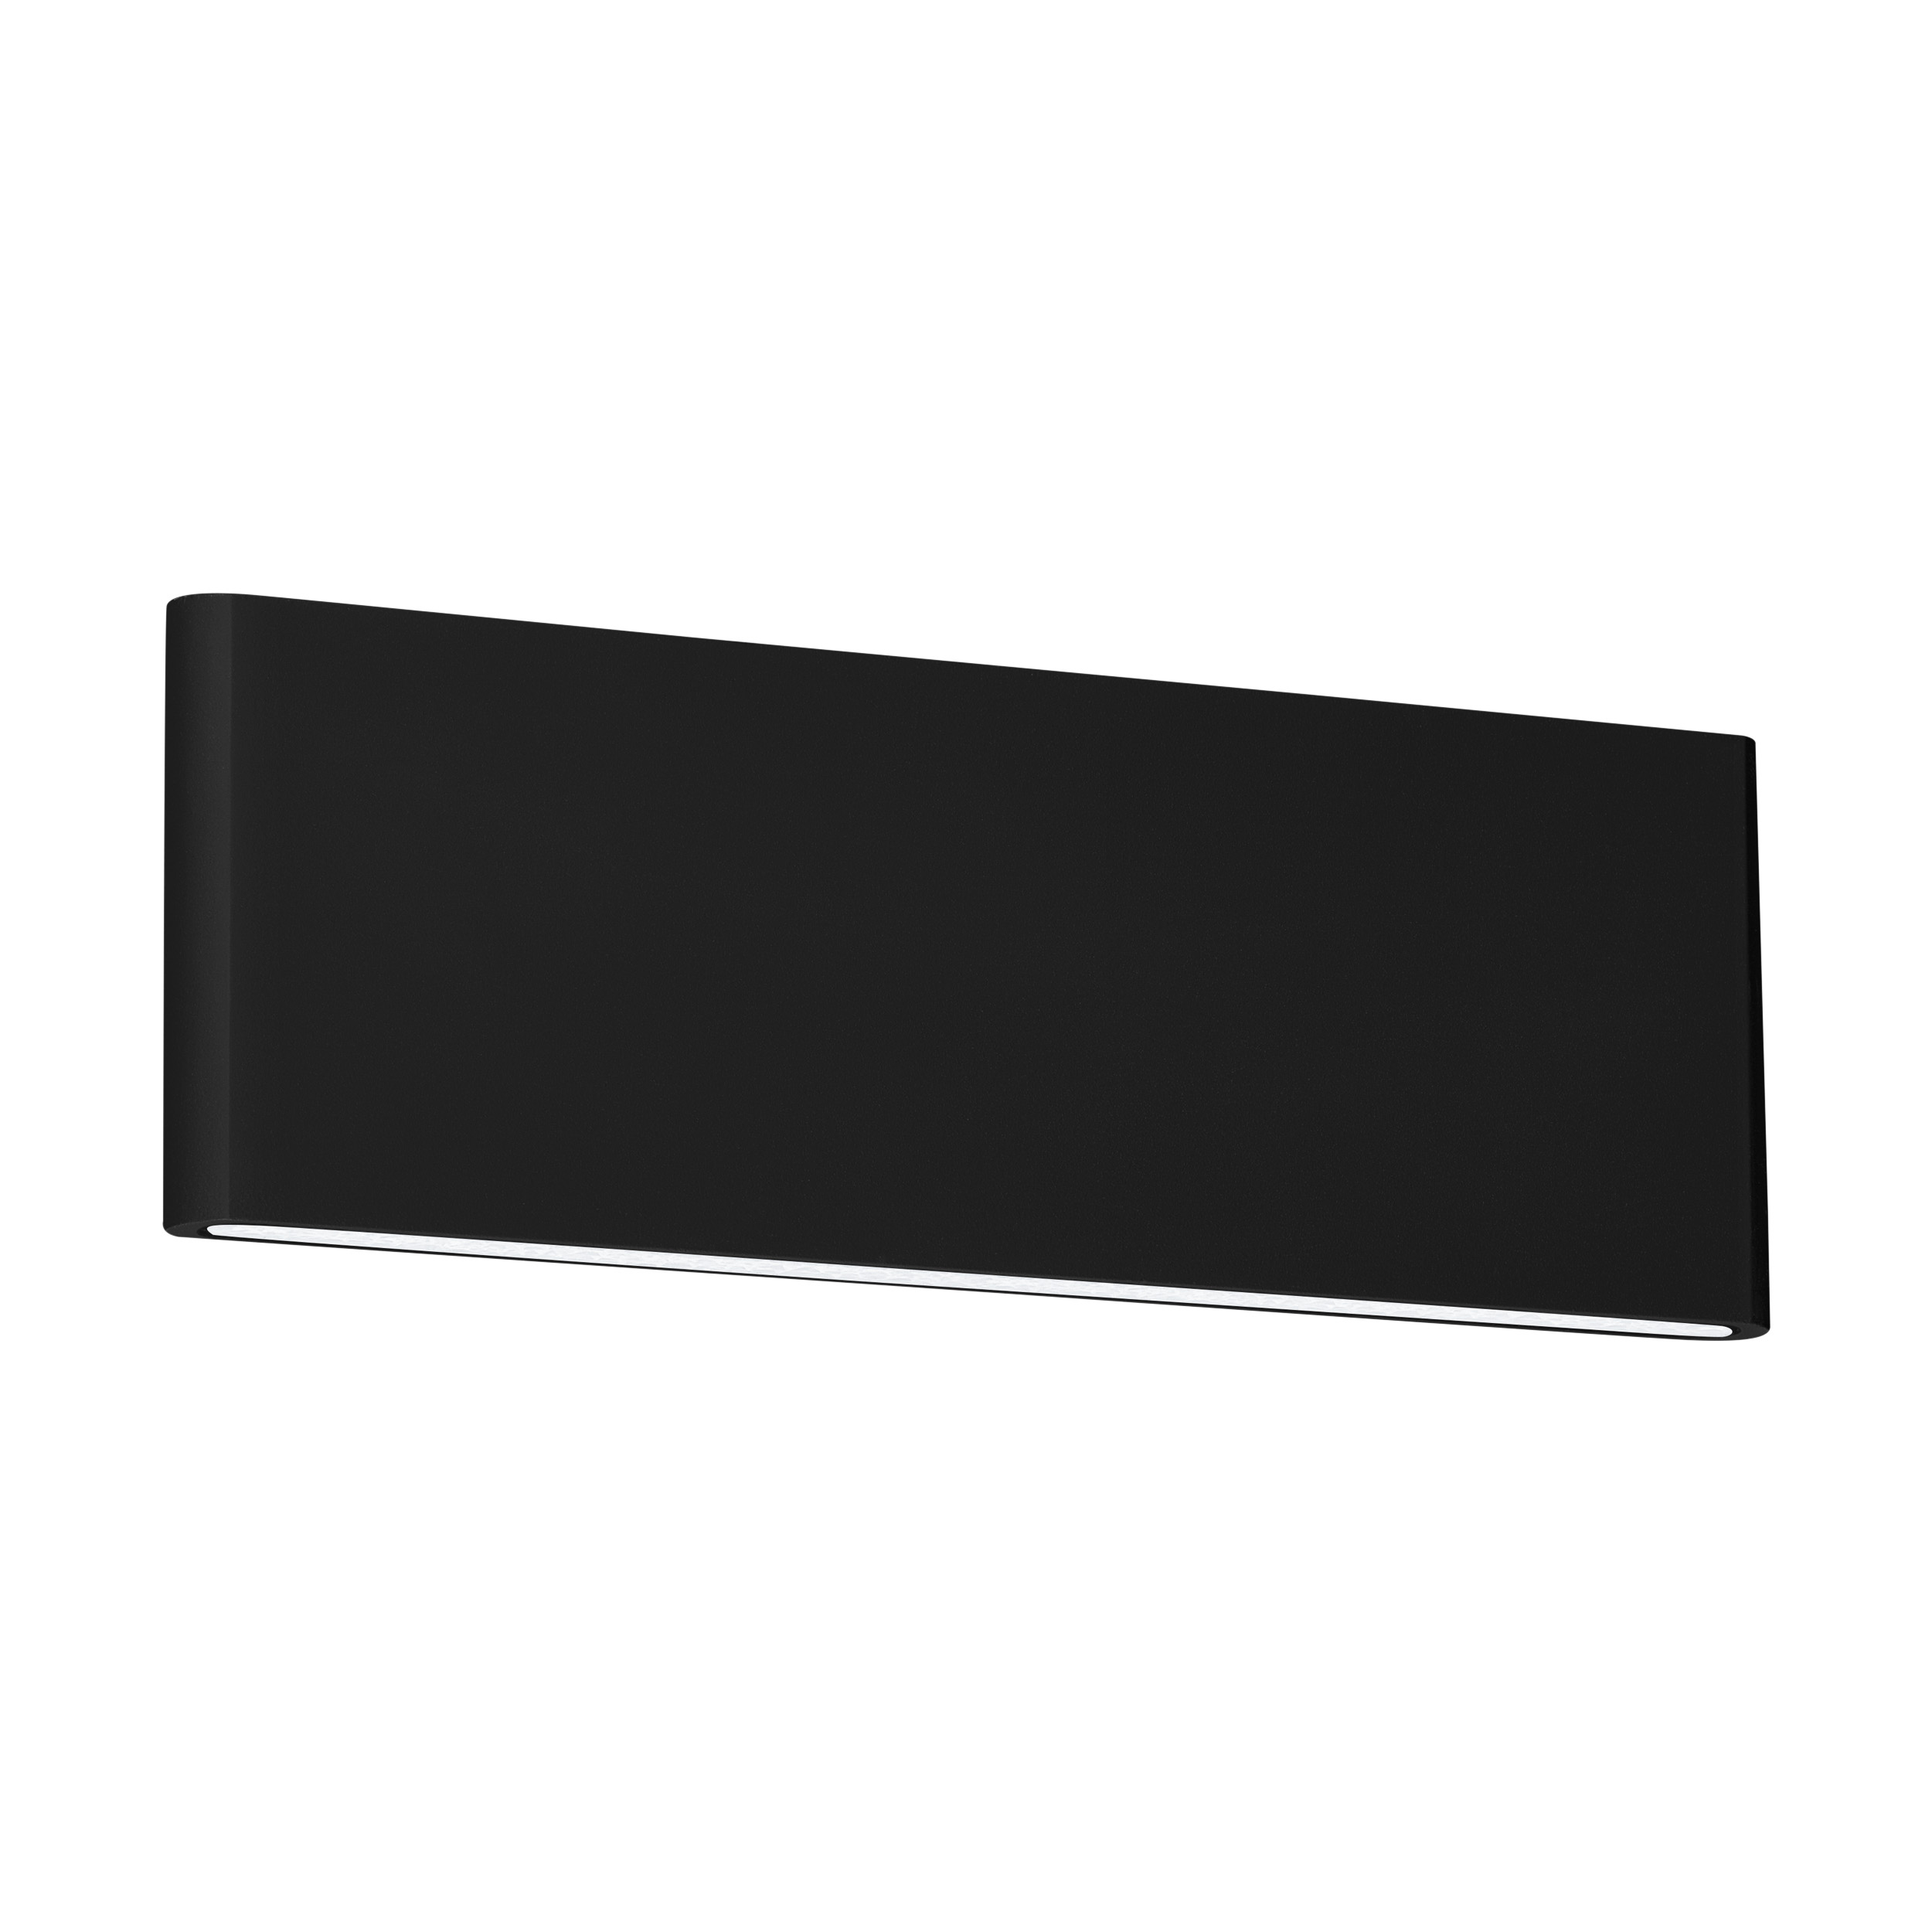 1 Stk Climene Pro D/I 2x19,8W 3000K anthrazit IP20 LI64035---